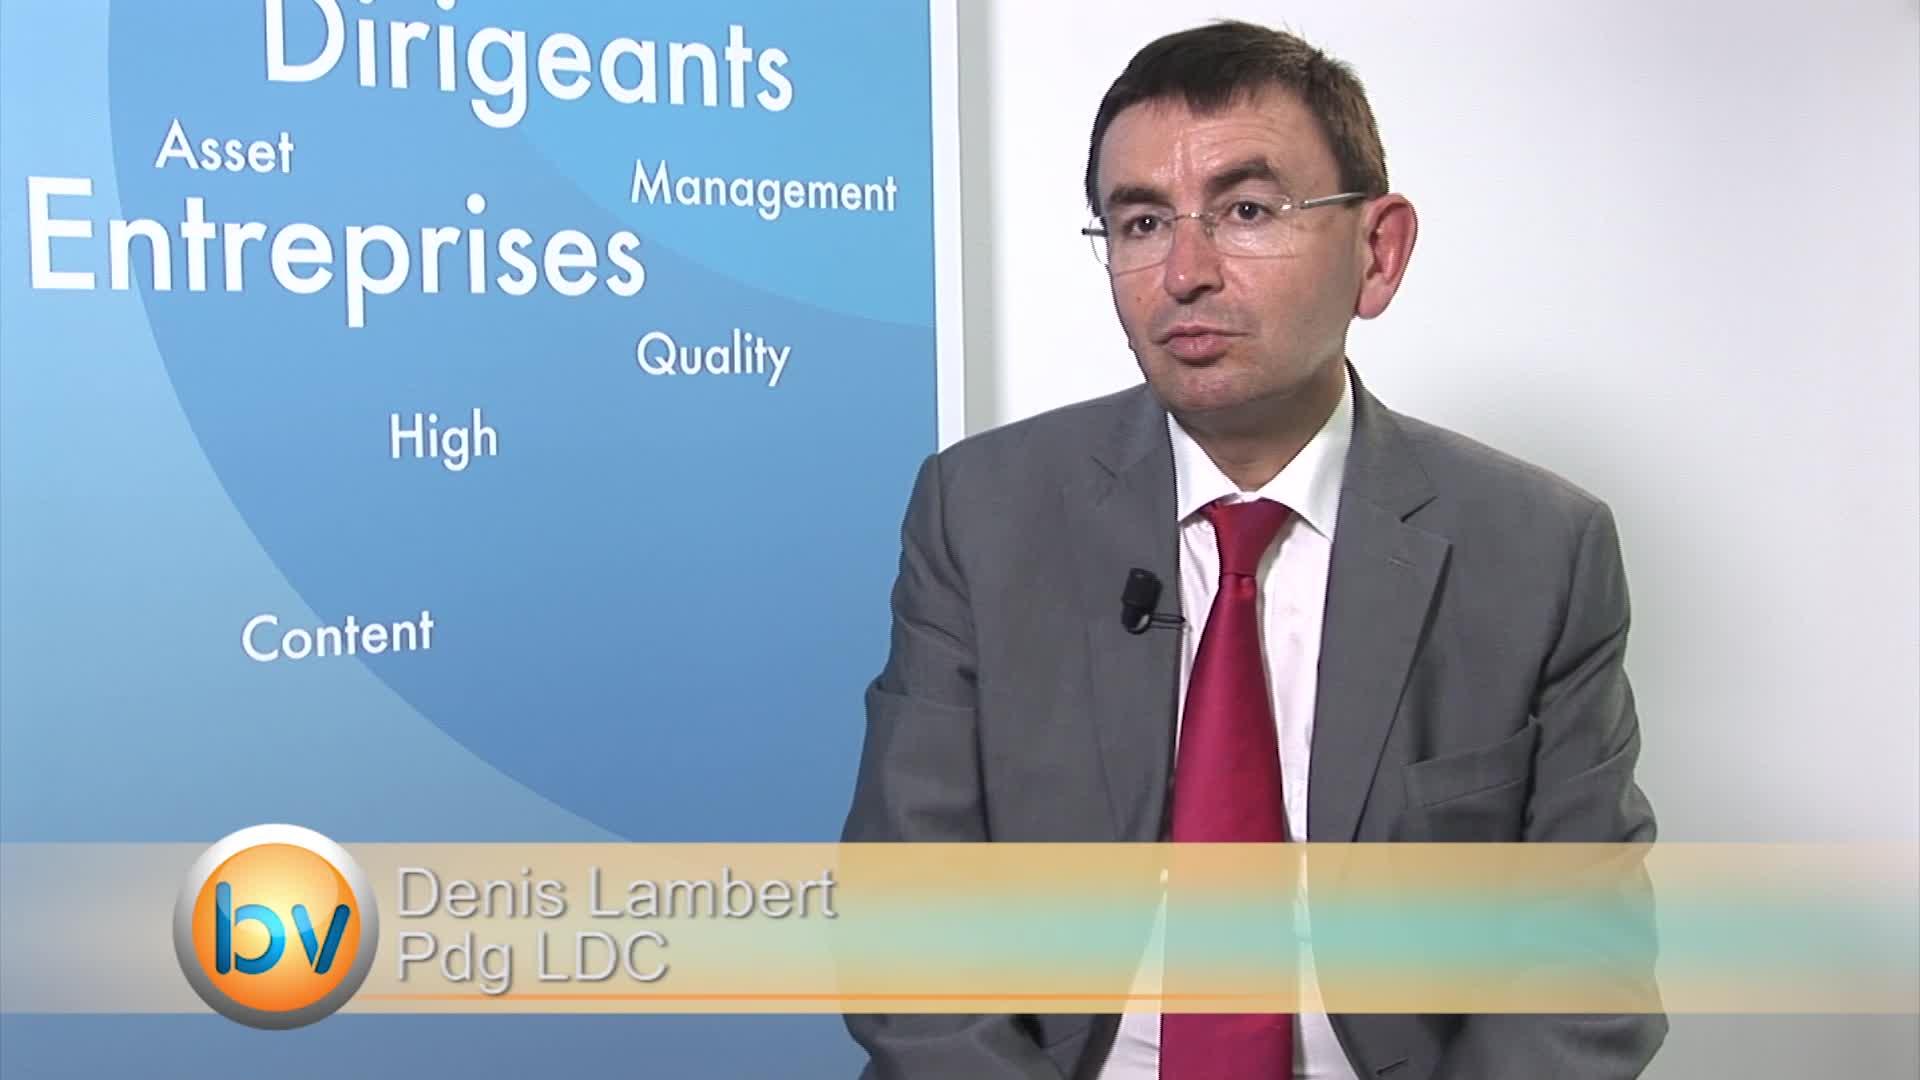 """Denis Lambert Pdg LDC : """"Nous devons être sélectif sur nos cibles à l'international"""""""